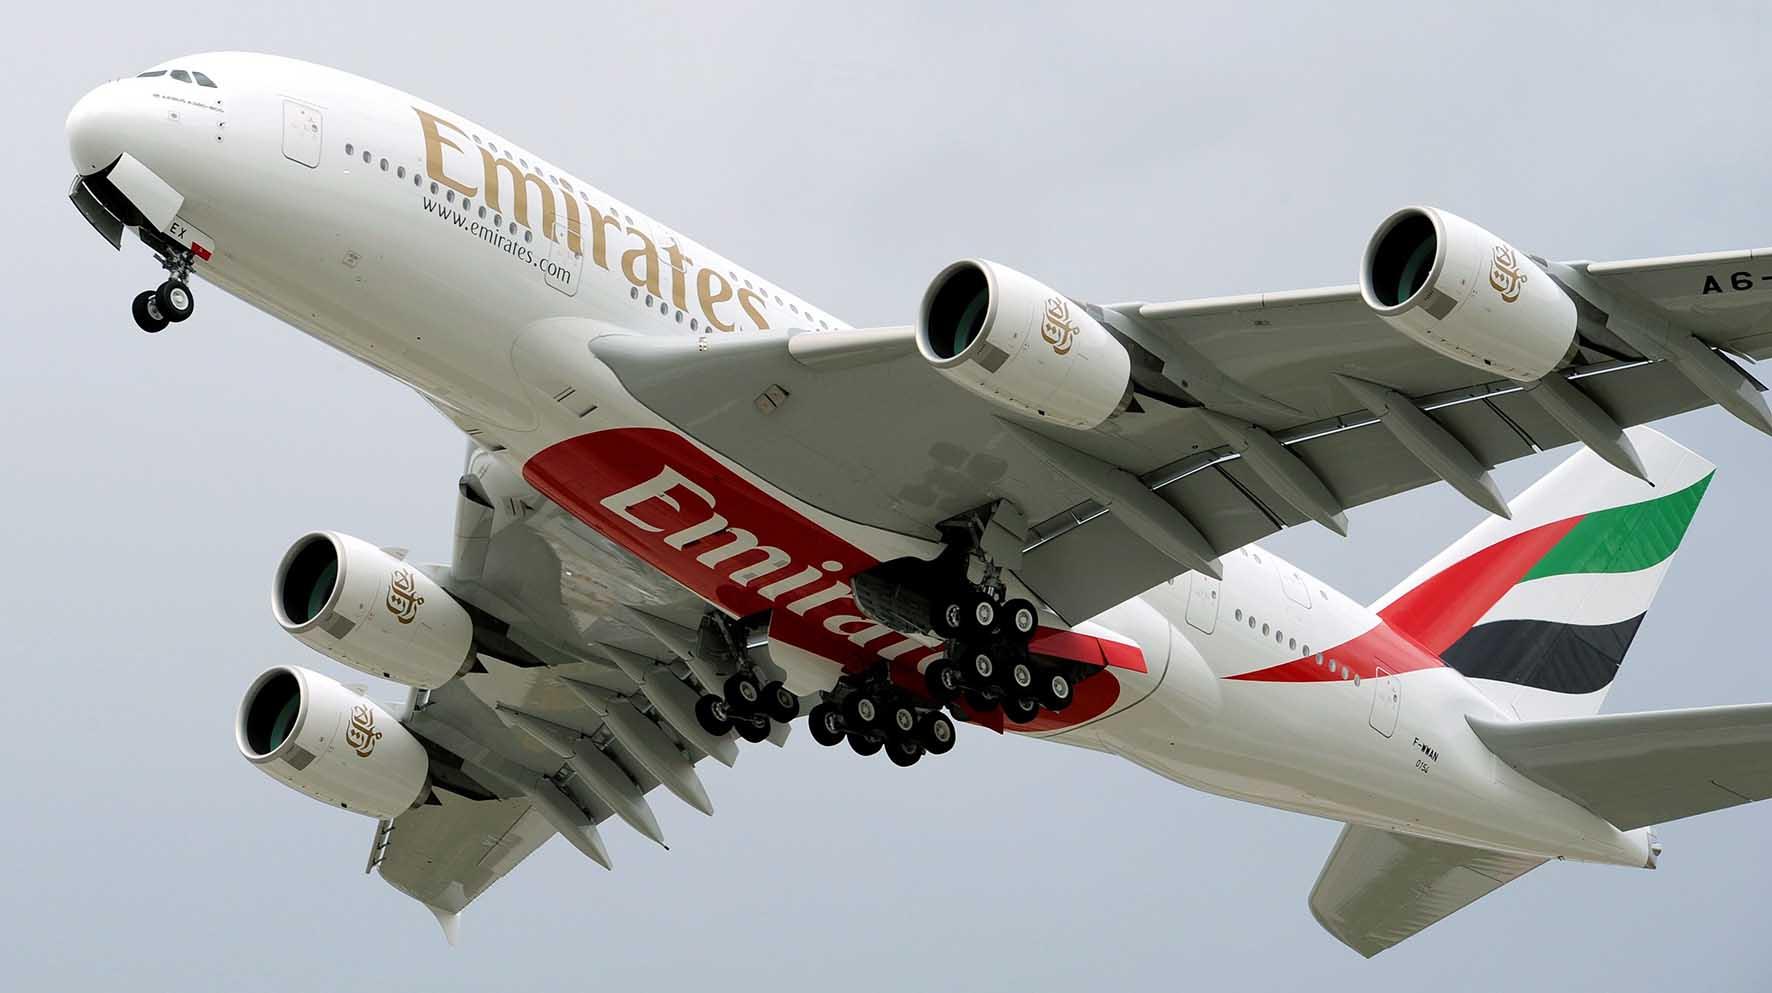 aereo emirates in atterraggio